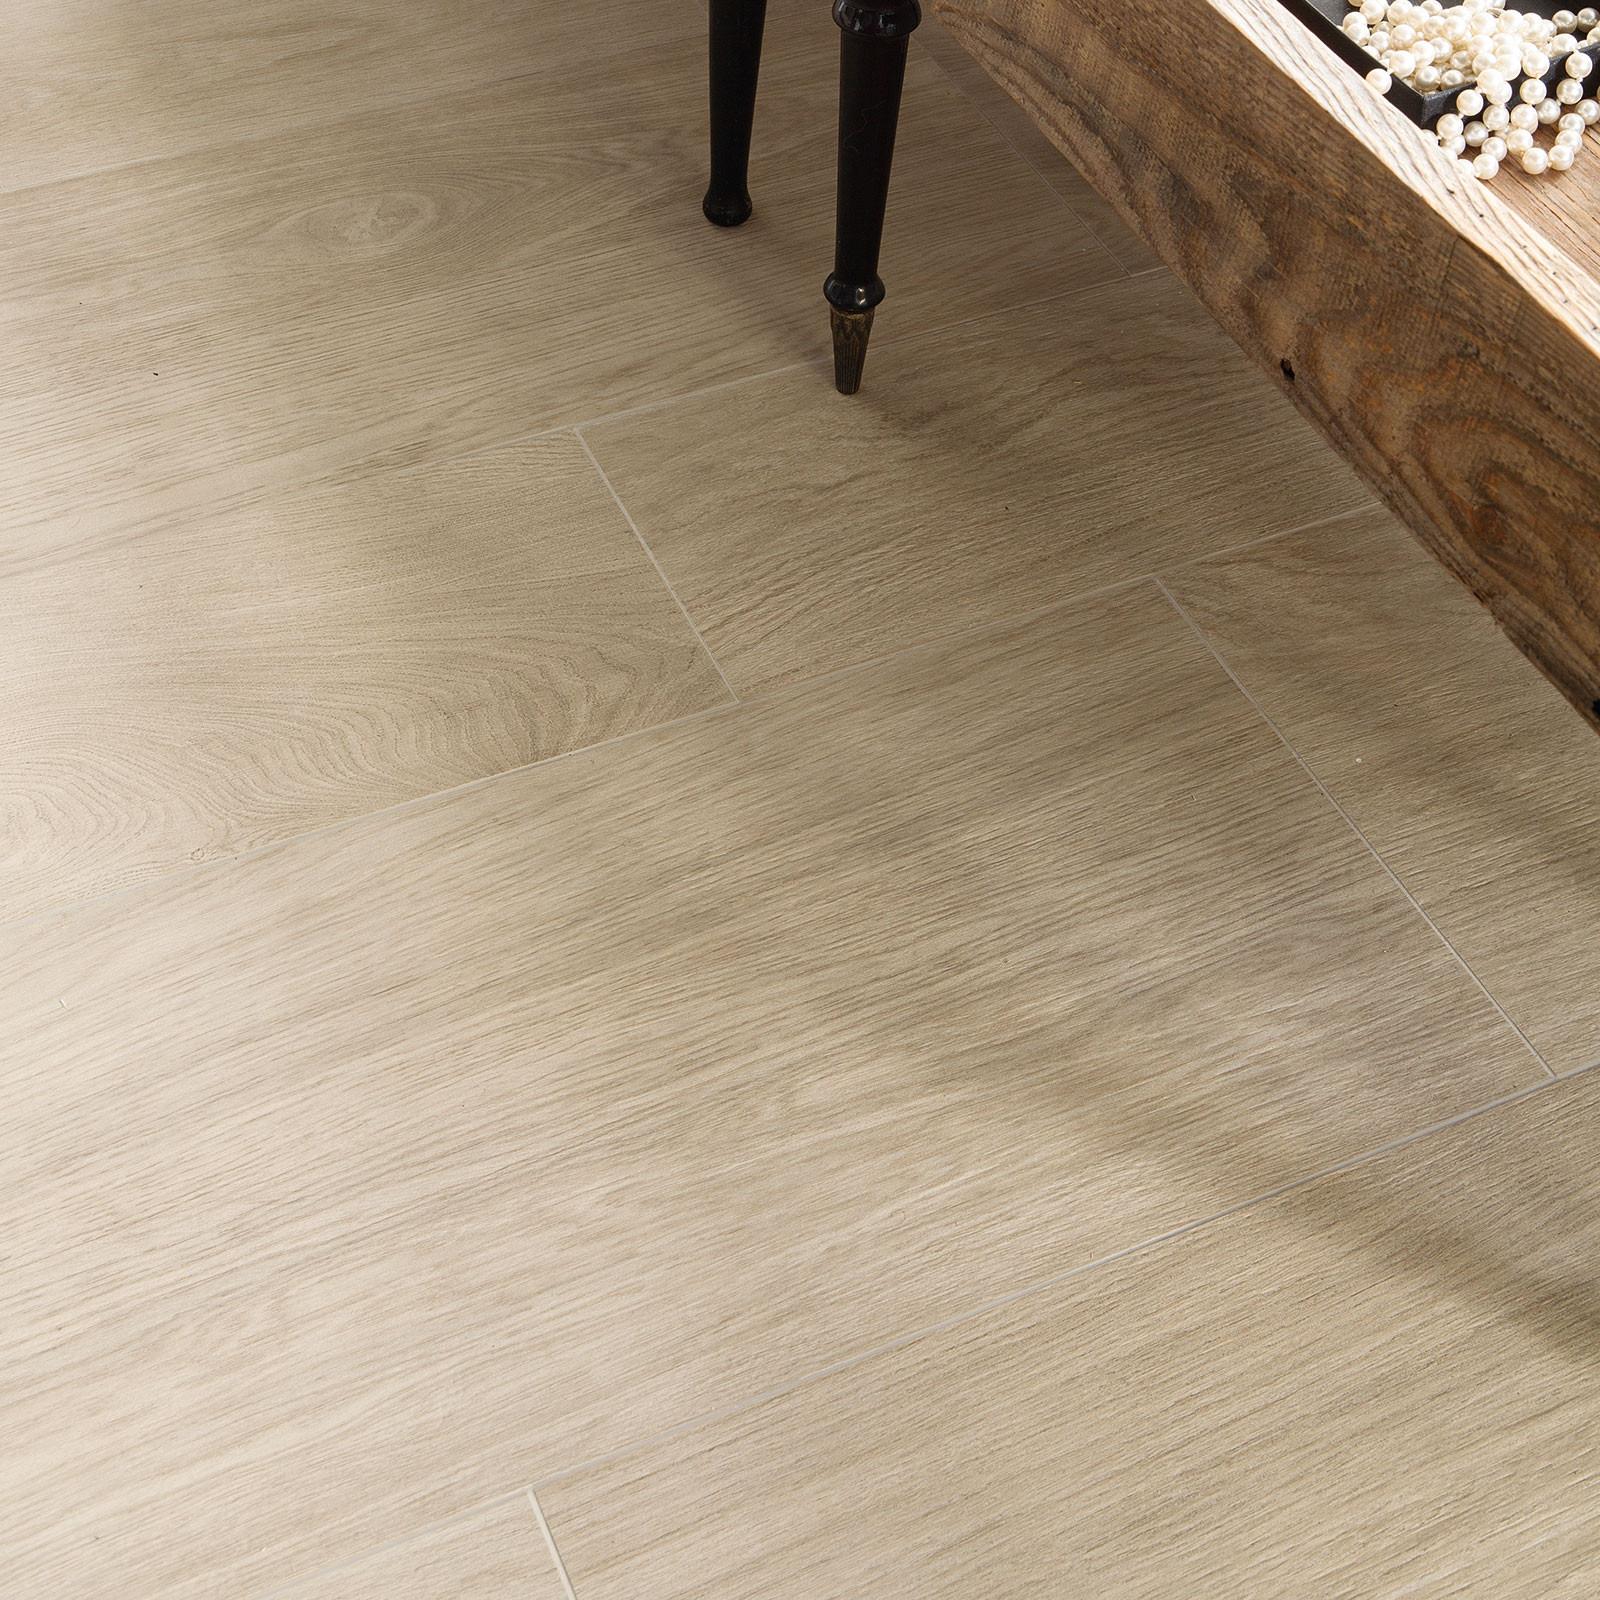 Trendwood magnolia glazed porcelain rectified floor tile trendwood magnolia glazed porcelain rectified floor tile click to zoom doublecrazyfo Images